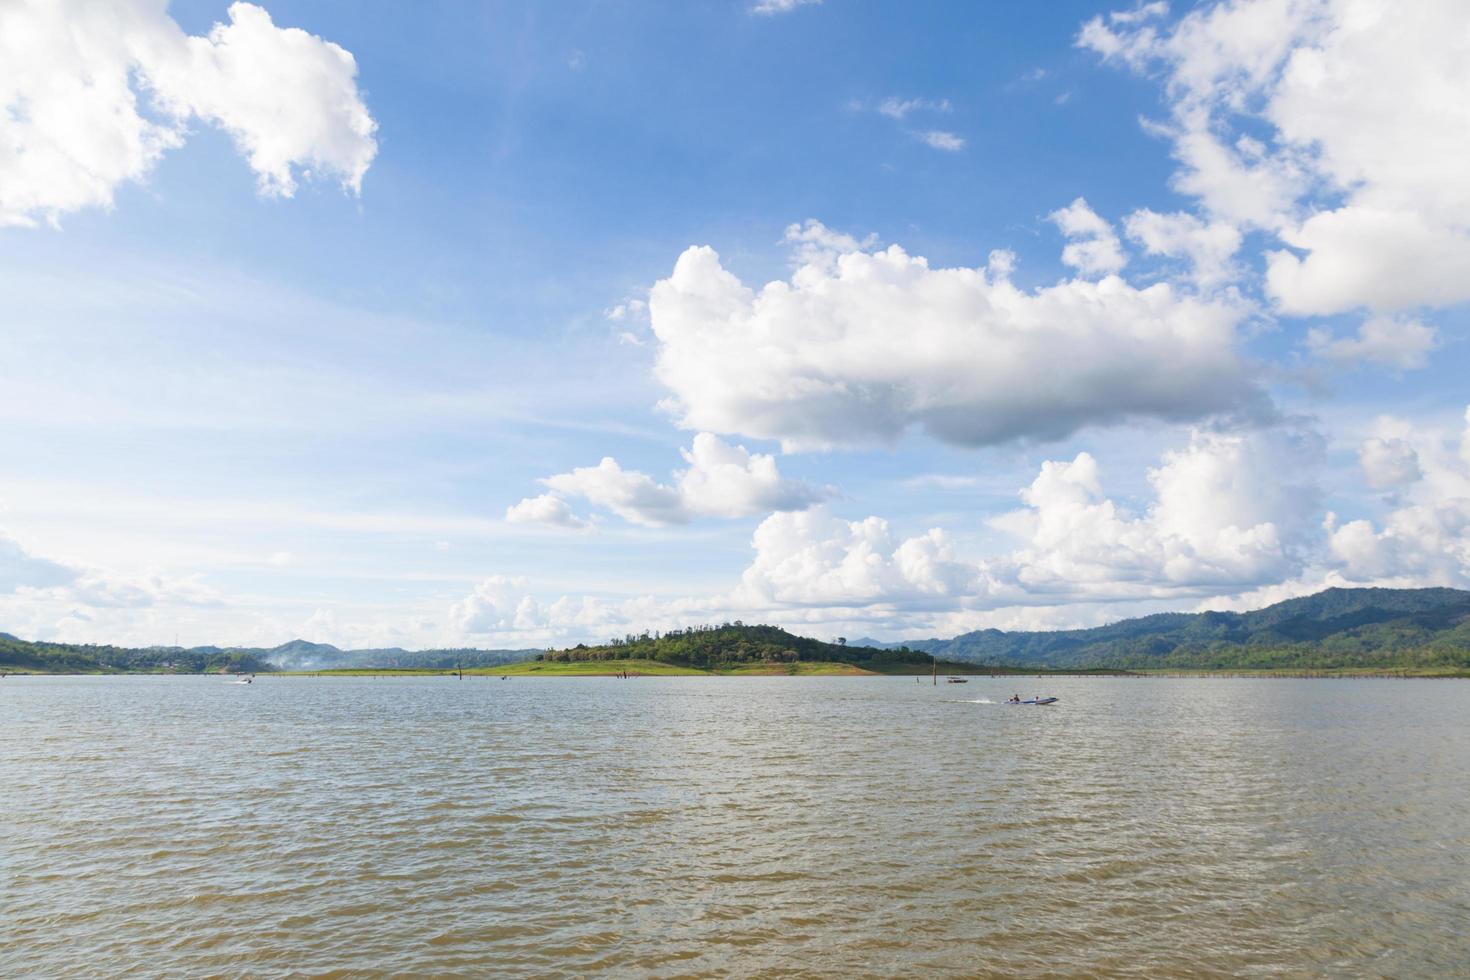 serbatoio e montagne in Thailandia foto